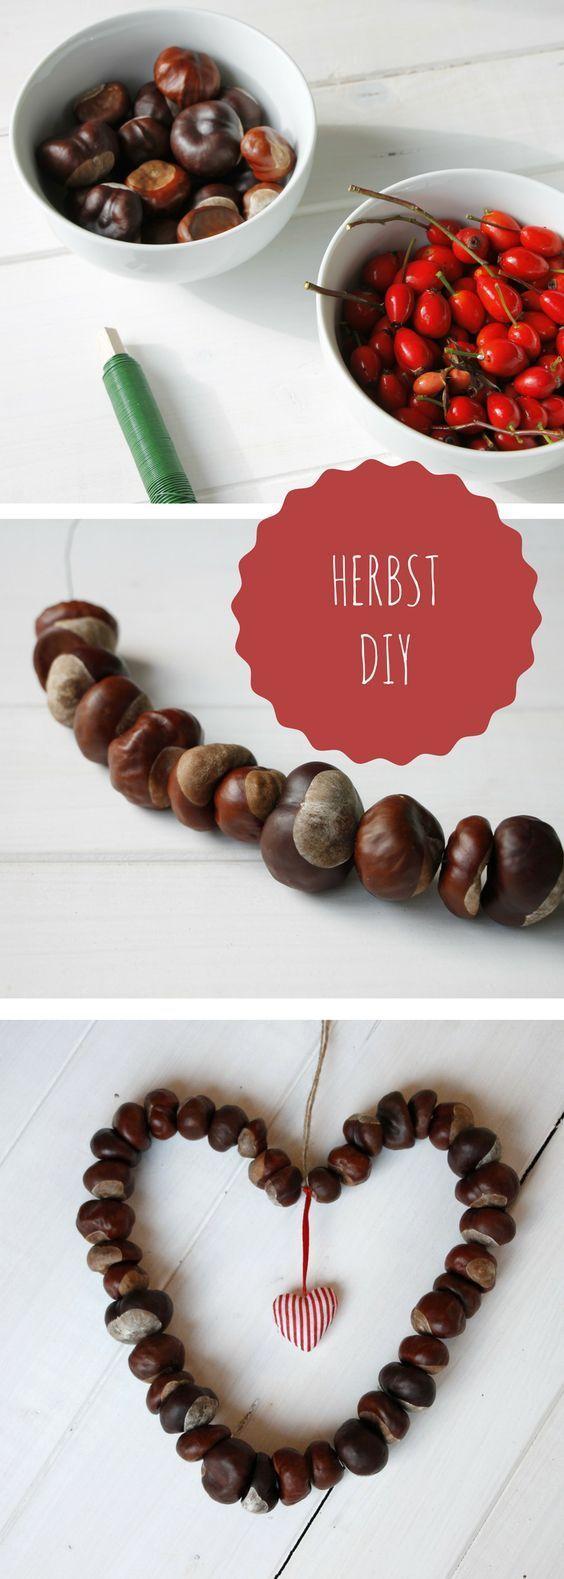 DIY-Idee für den Herbst: Kastanienherz und Hagebuttenkranz - Lavendelblog